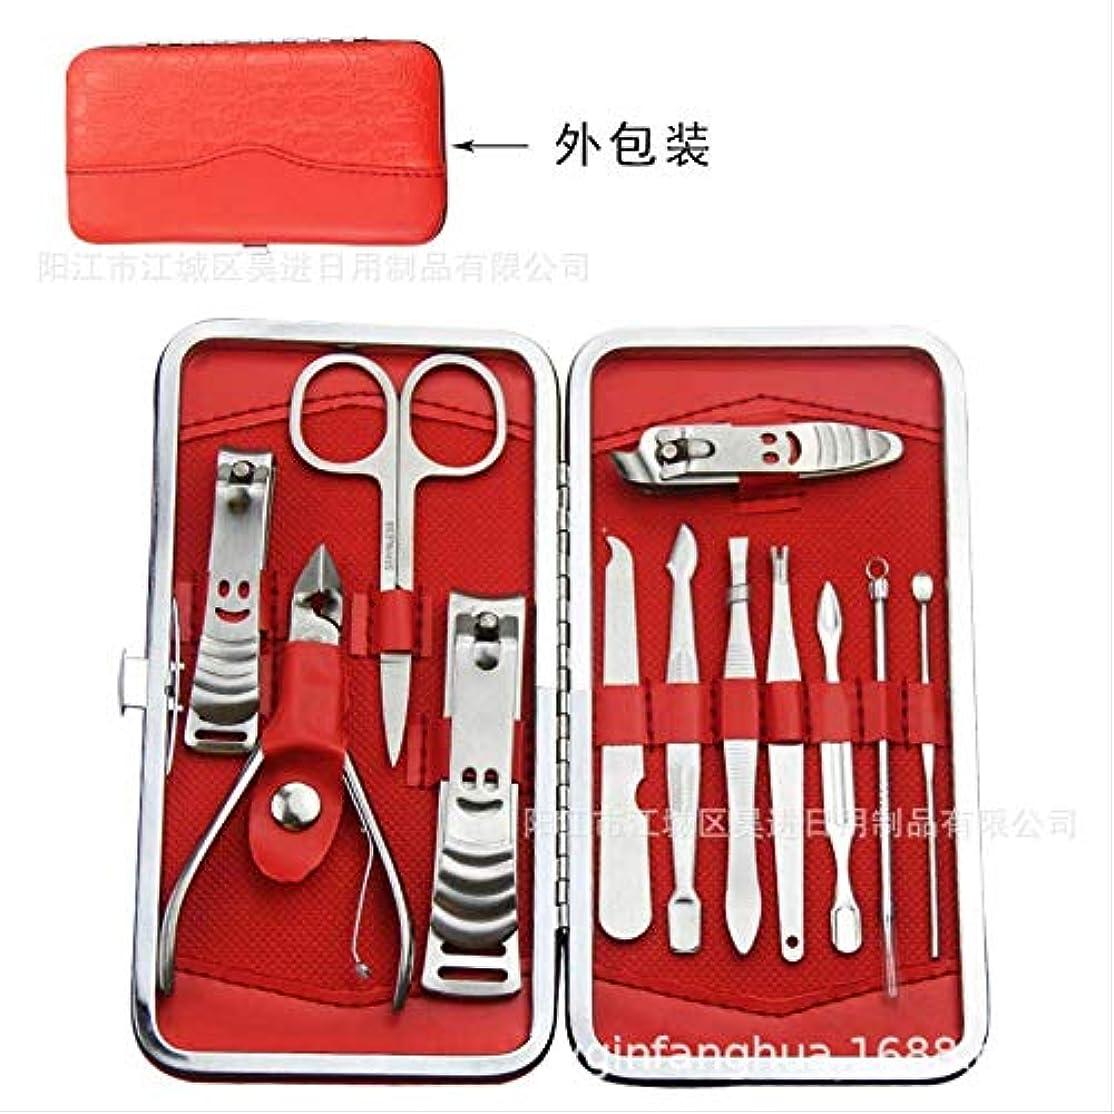 最高キャッチ配置爪切りセット12ステンレス鋼爪切りセット美容マニキュアツール爪切り爪やすり 新しい正の赤いステンレス鋼12ピースセット